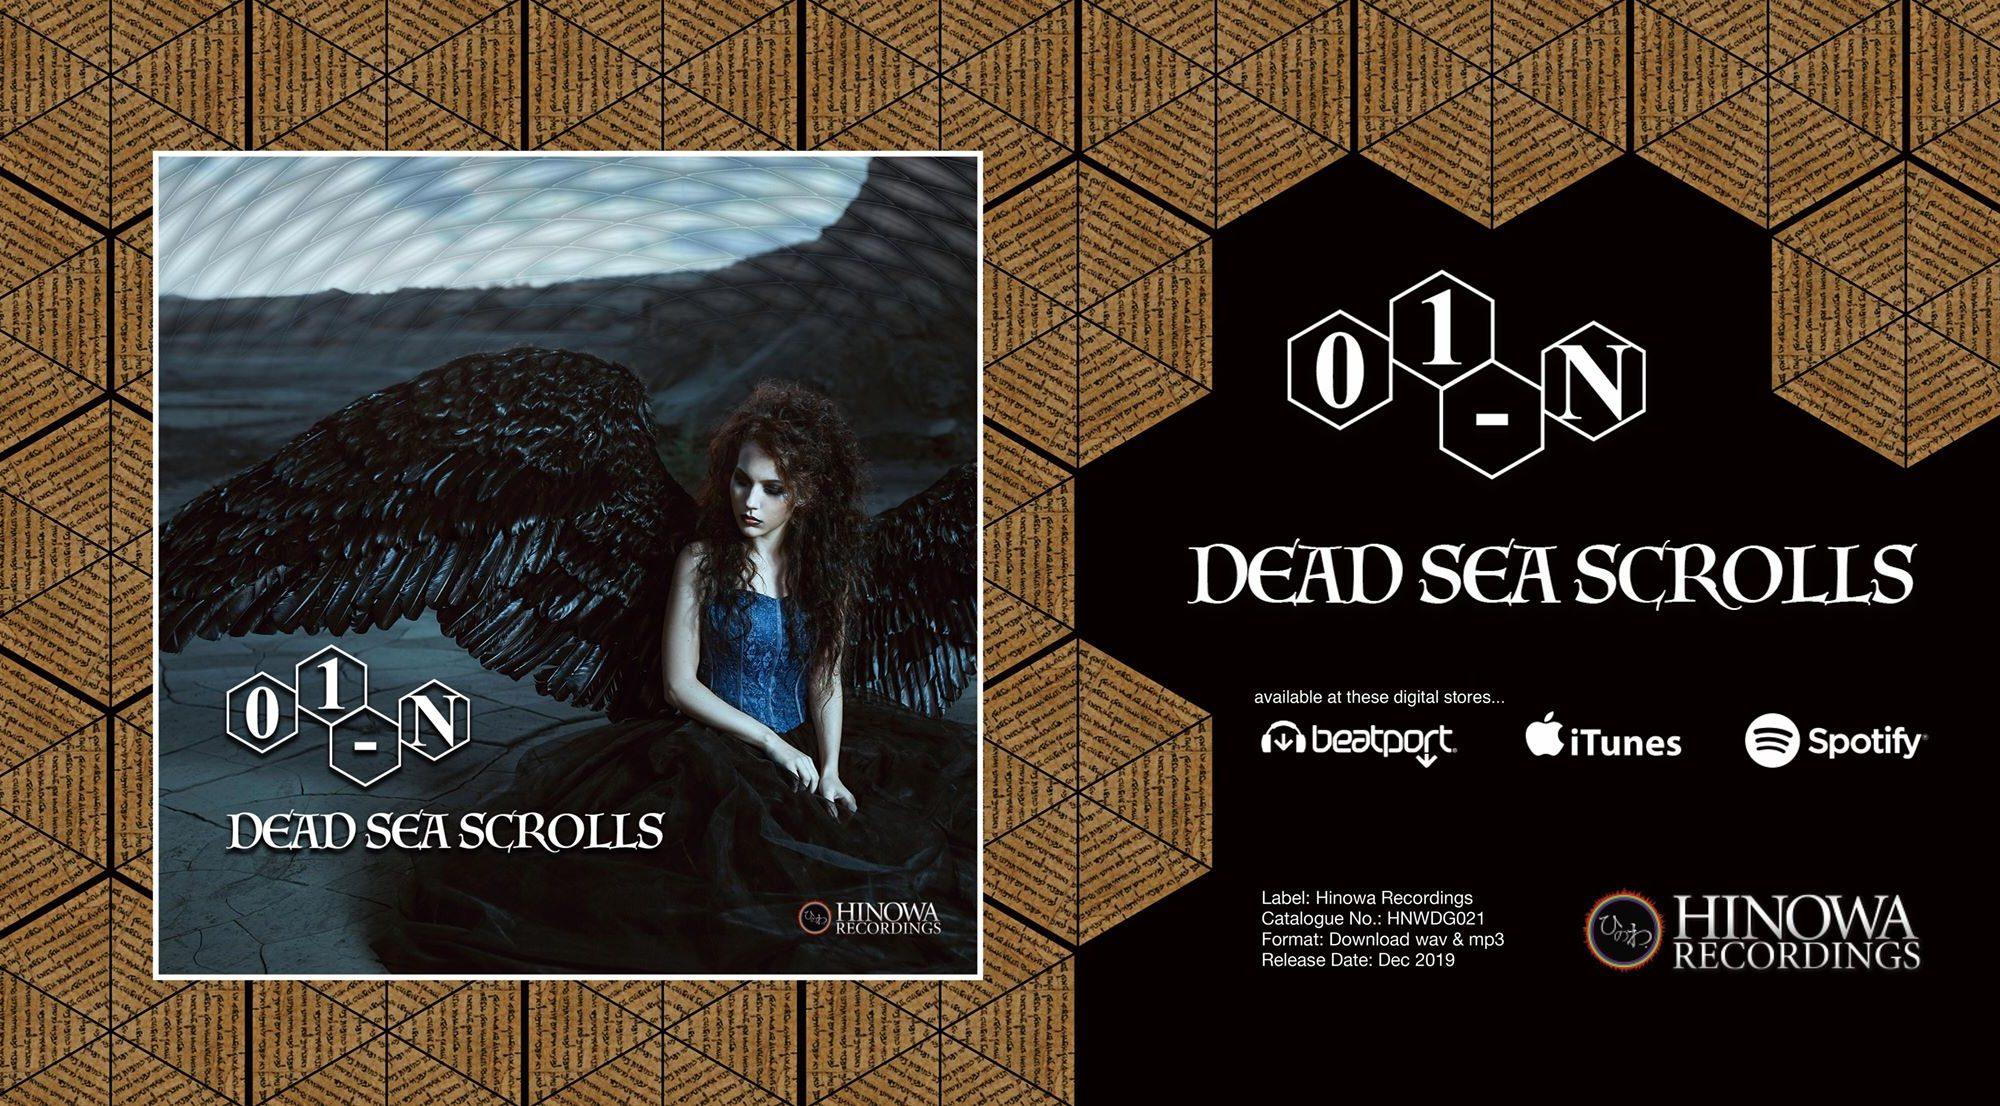 [リリース情報]01-n-dead-sea-scrolls-info